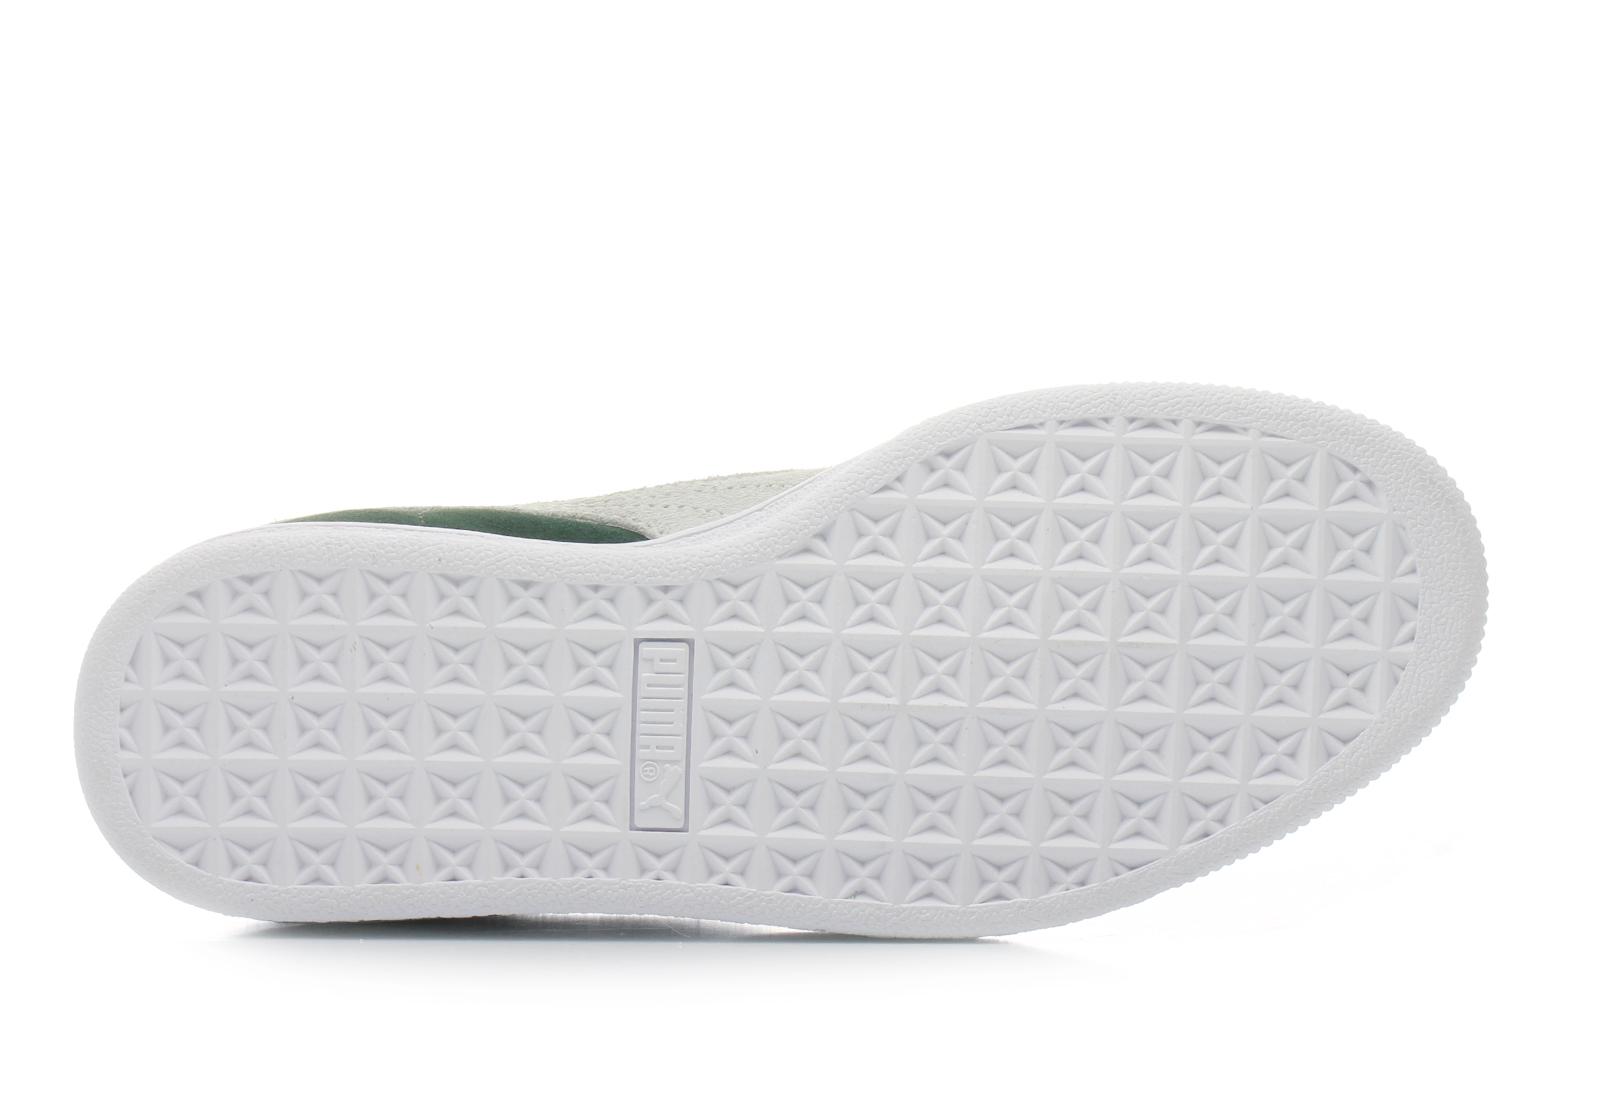 91a6be692a34e0 Puma Shoes - Suede Classic Jr - 36507306-gre - Online shop for ...